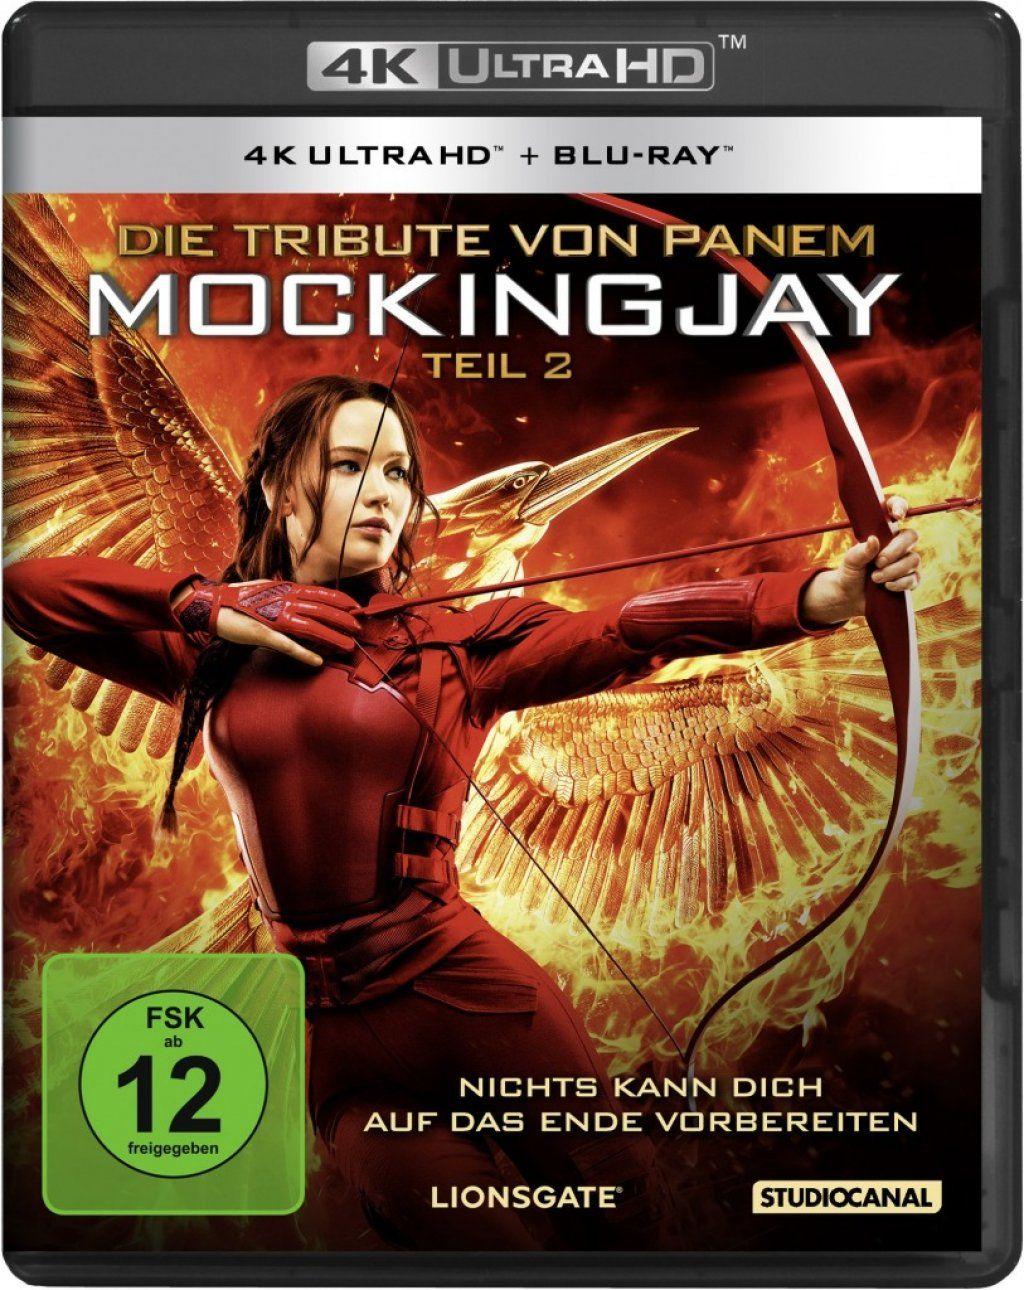 Tribute von Panem, Die - Mockingjay - Teil 2 (2 Discs) (UHD BLURAY + BLURAY)